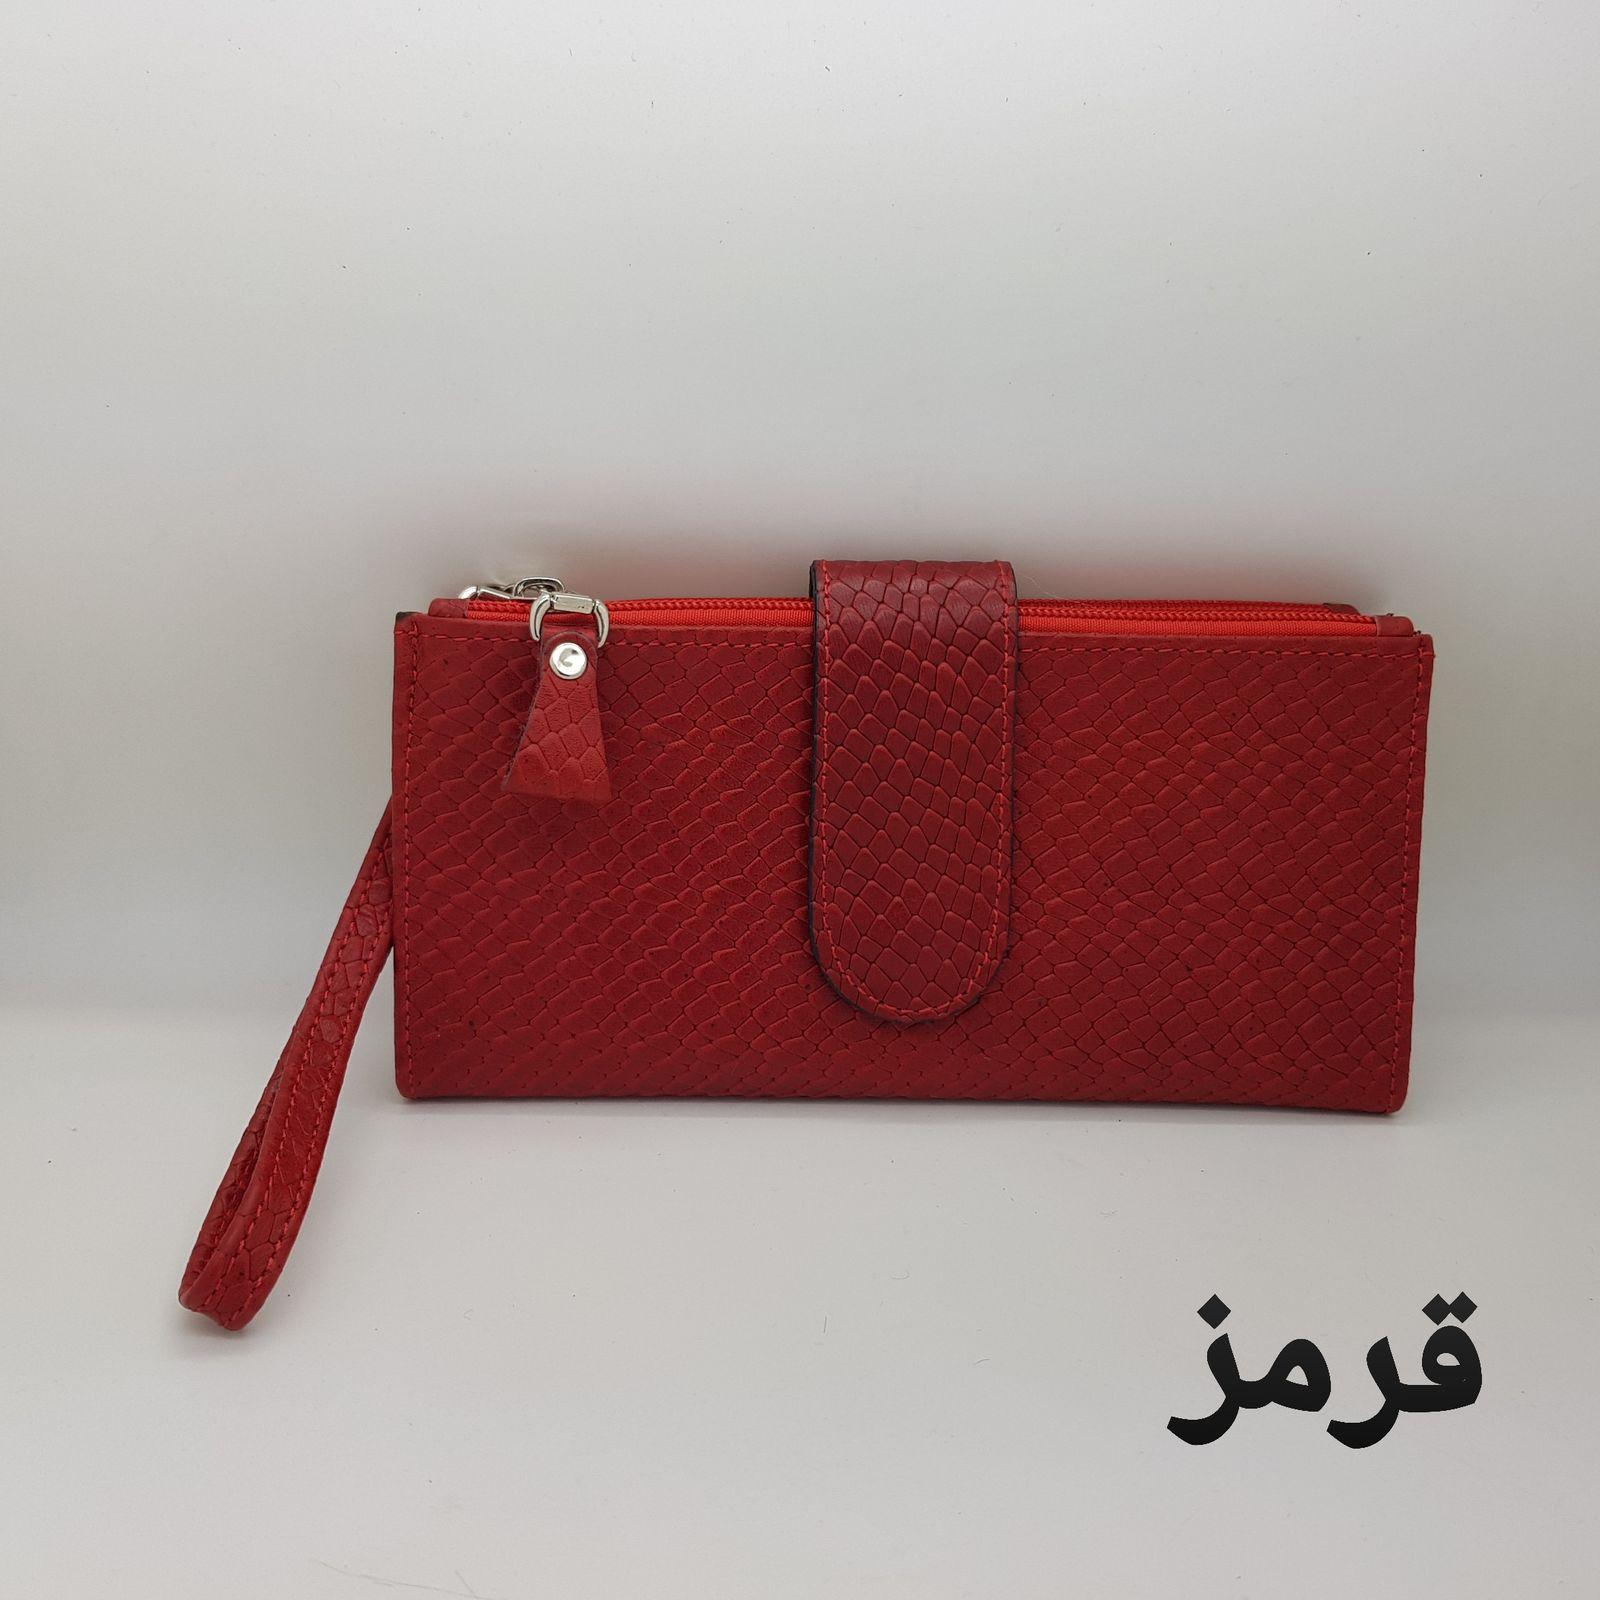 کیف پول زنانه چرم دیاکو کد327 -  - 7